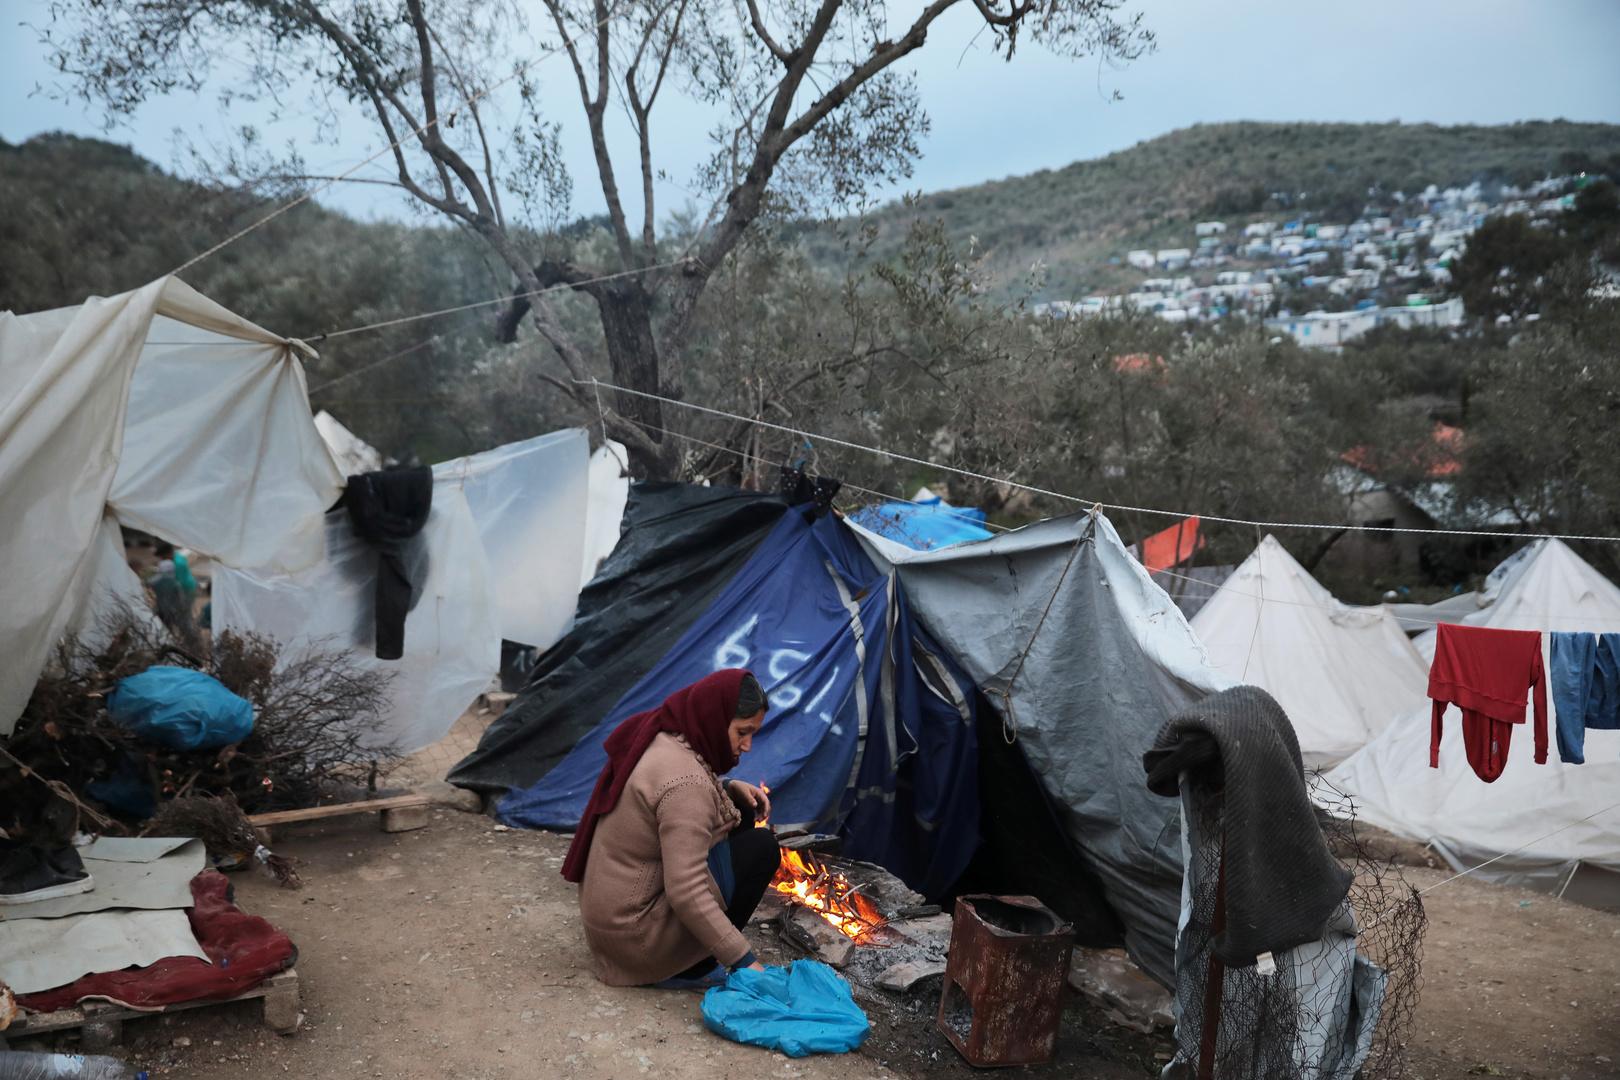 Eine Frau entzündet ein Feuer in einem provisorischen Lager für Flüchtlinge und Migranten neben dem Lager Moria auf der Insel Lesbos, Griechenland, 7. März 2020.